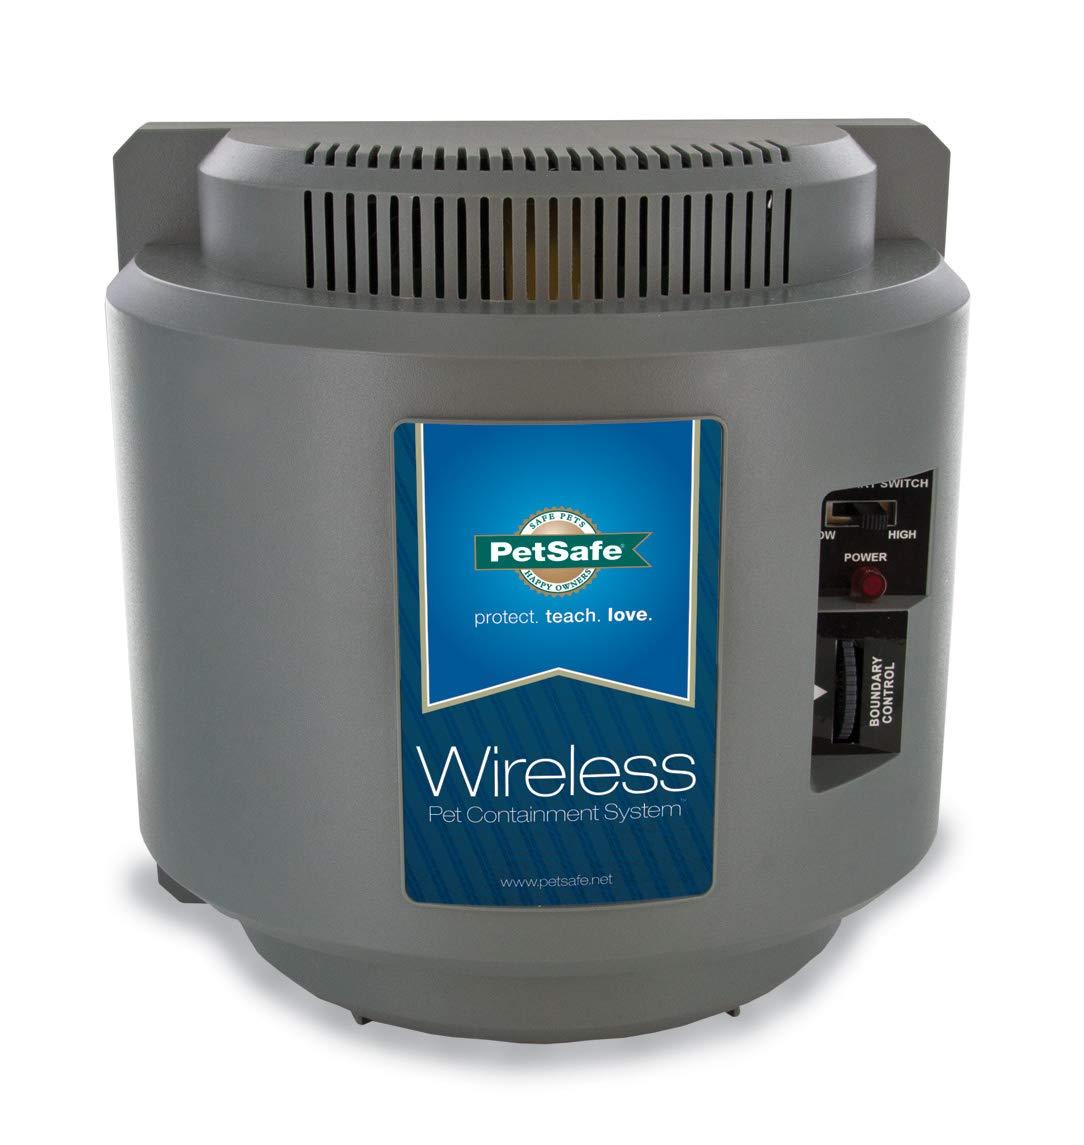 Petsafe Extra Transmitter for the Petsafe Wireless Fence System by PetSafe